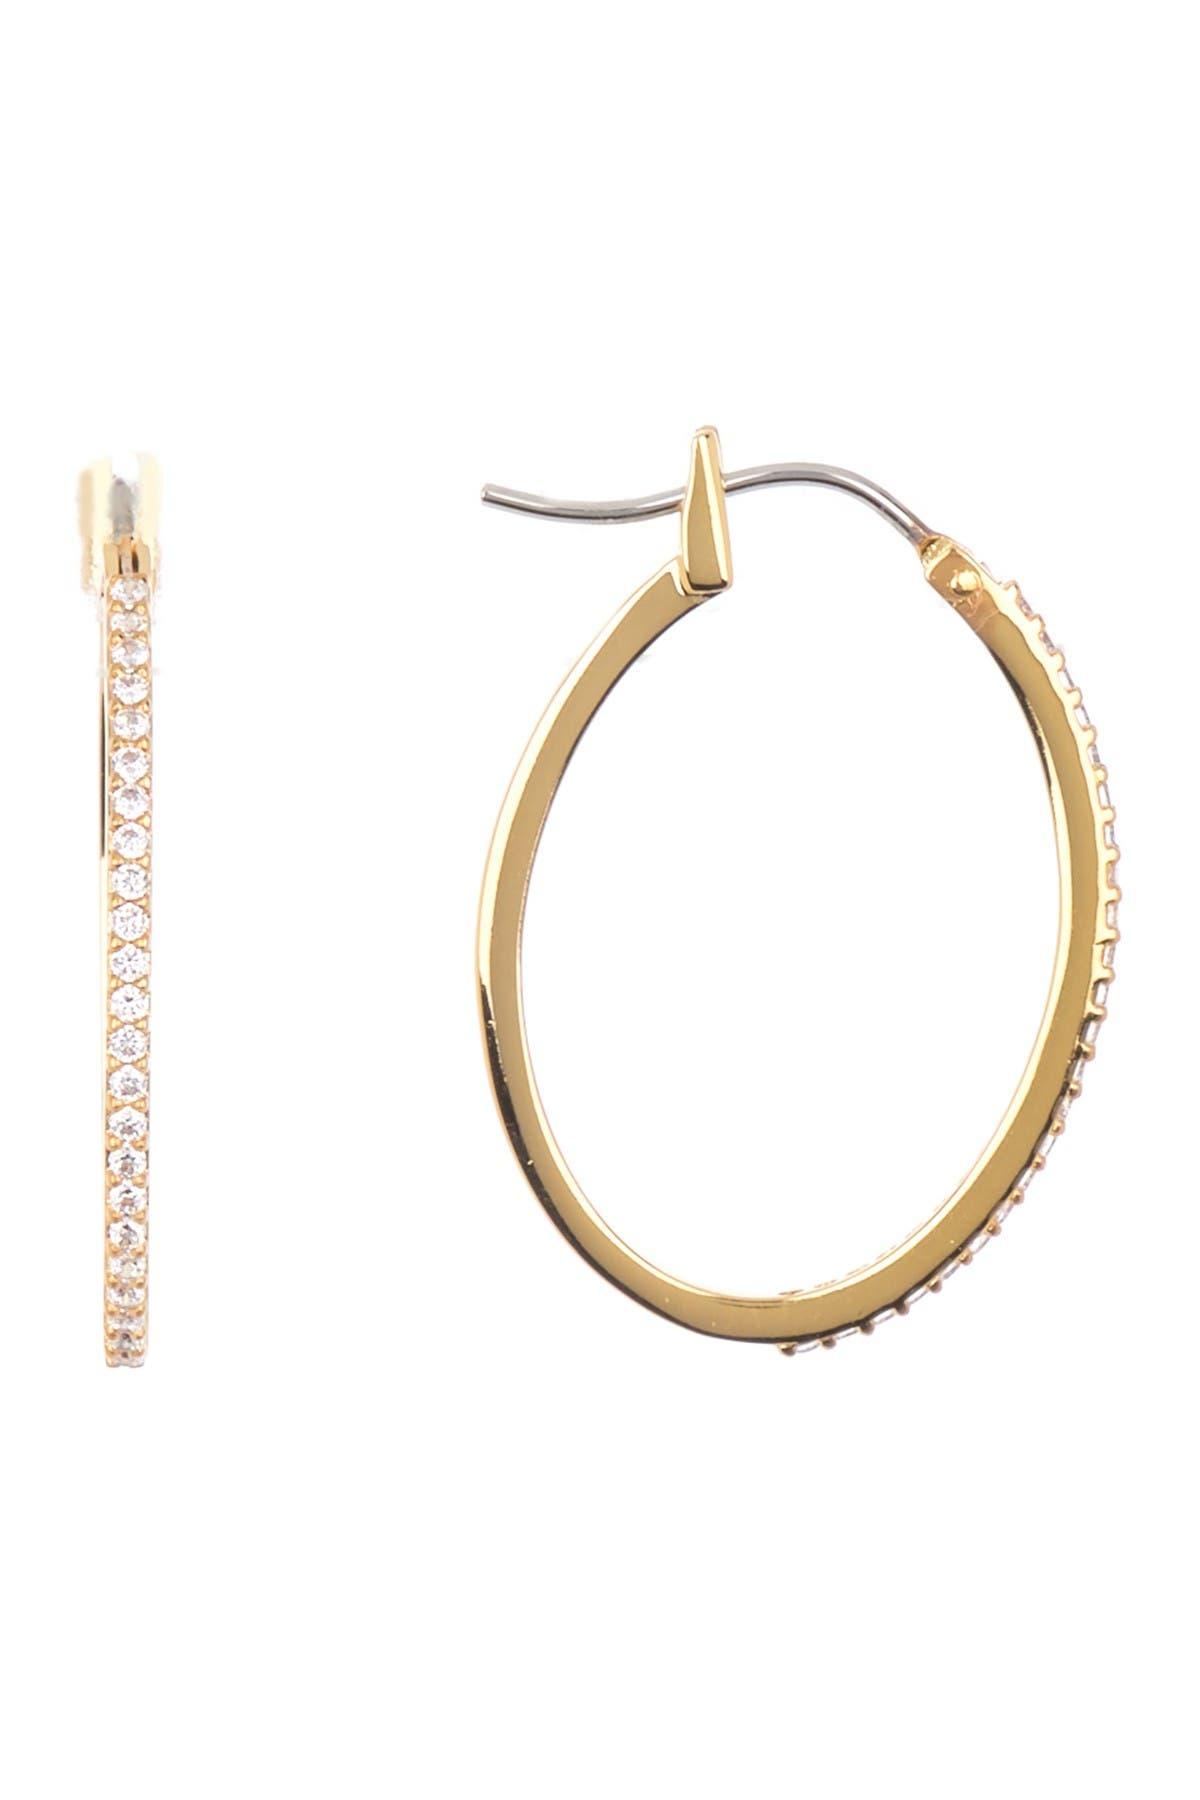 Image of Nordstrom Rack Oval Pave Hoop Earrings